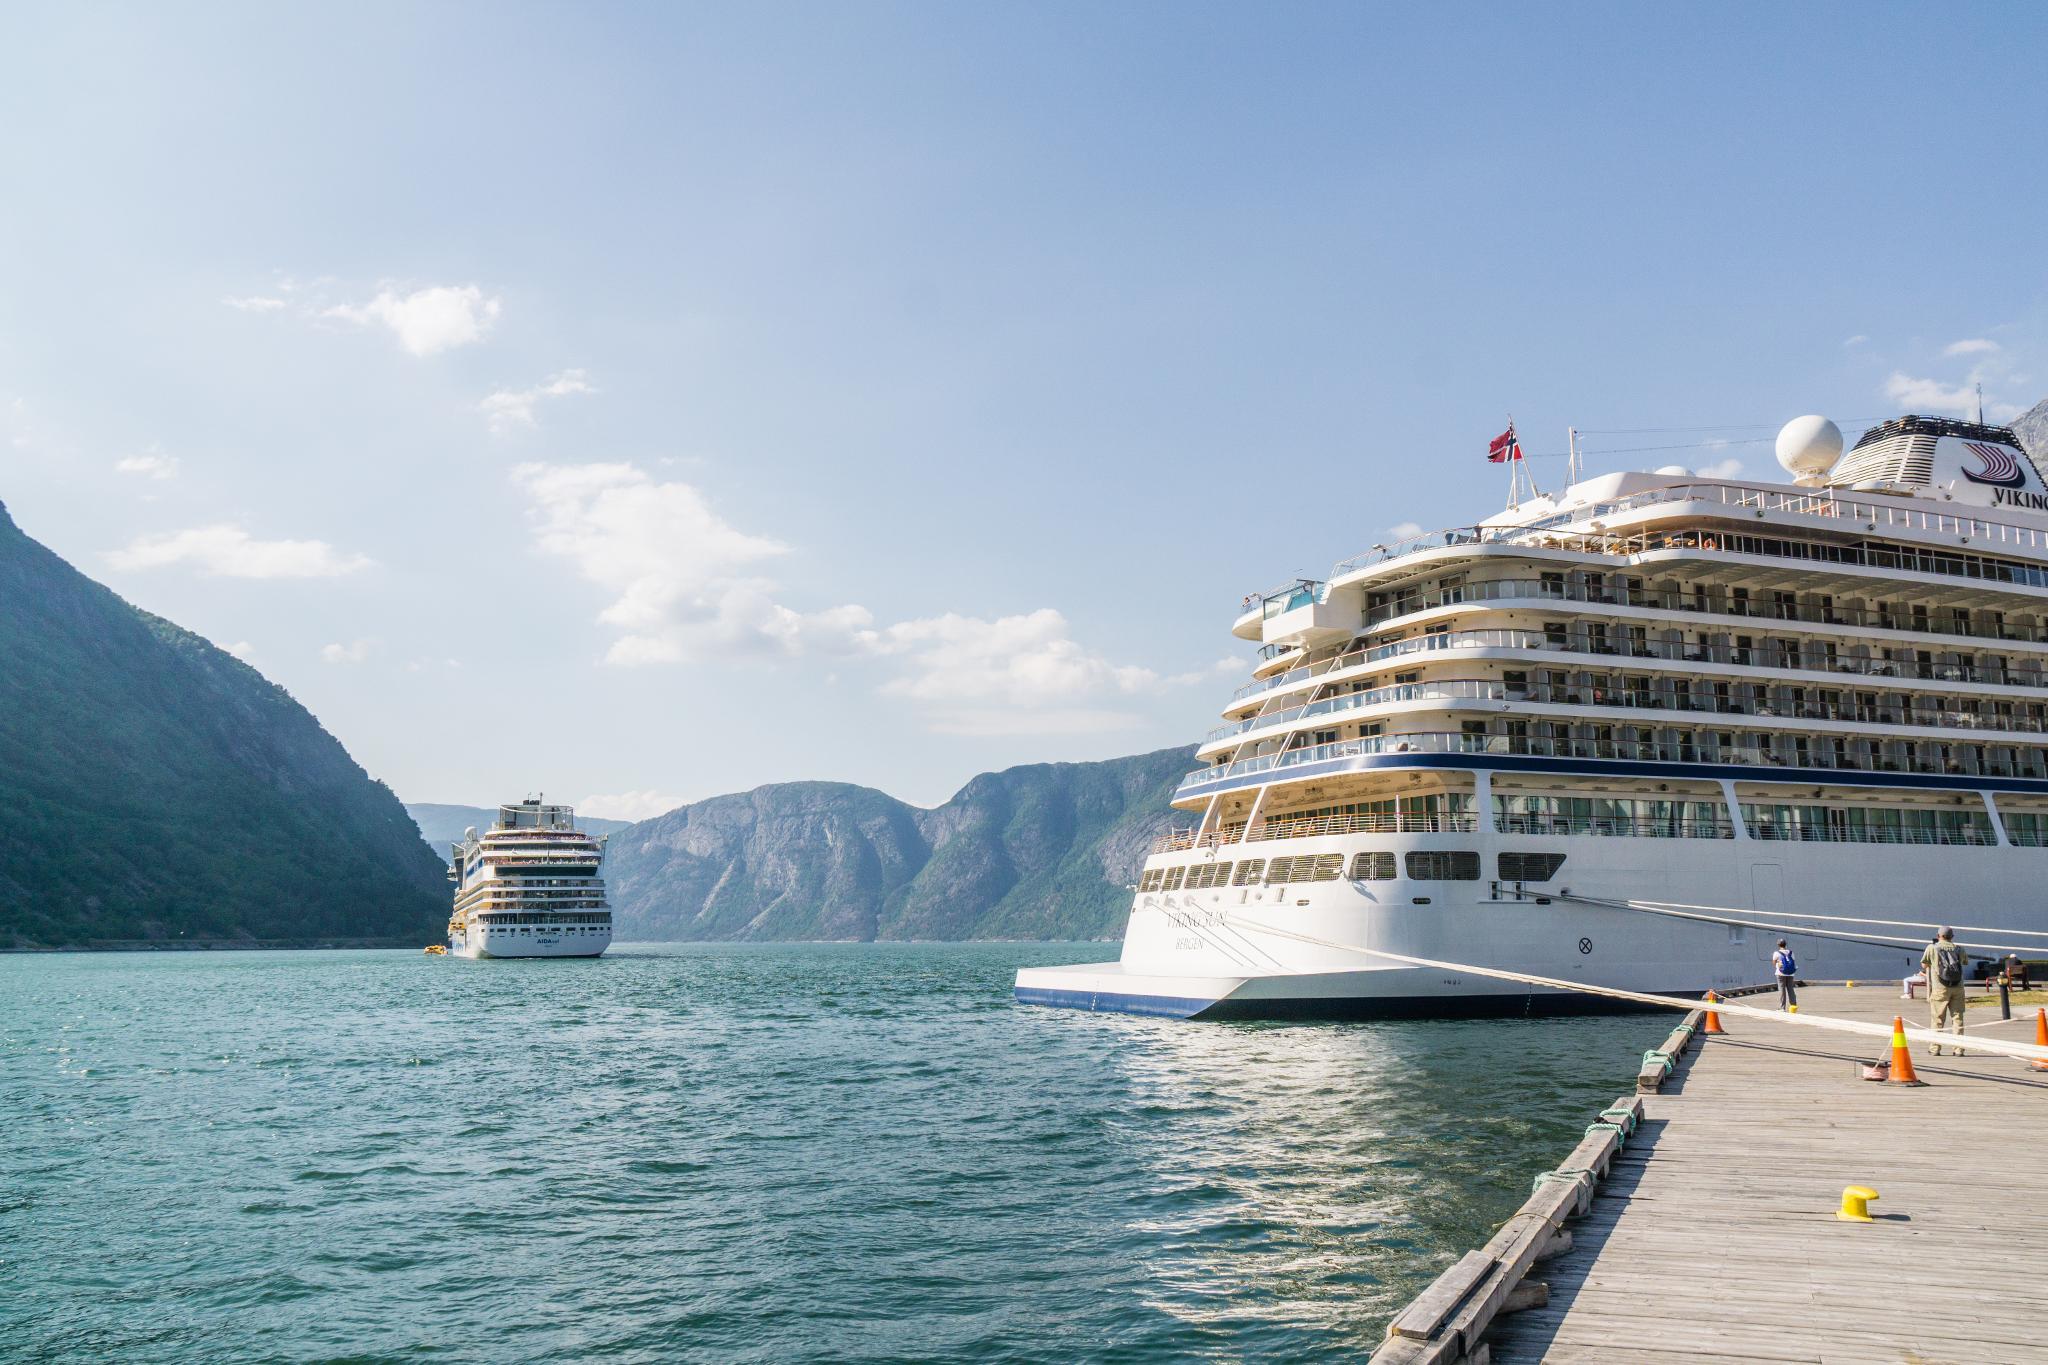 【北歐景點】哈丹格峽灣探秘:Eidfjord小鎮的無限風光 1